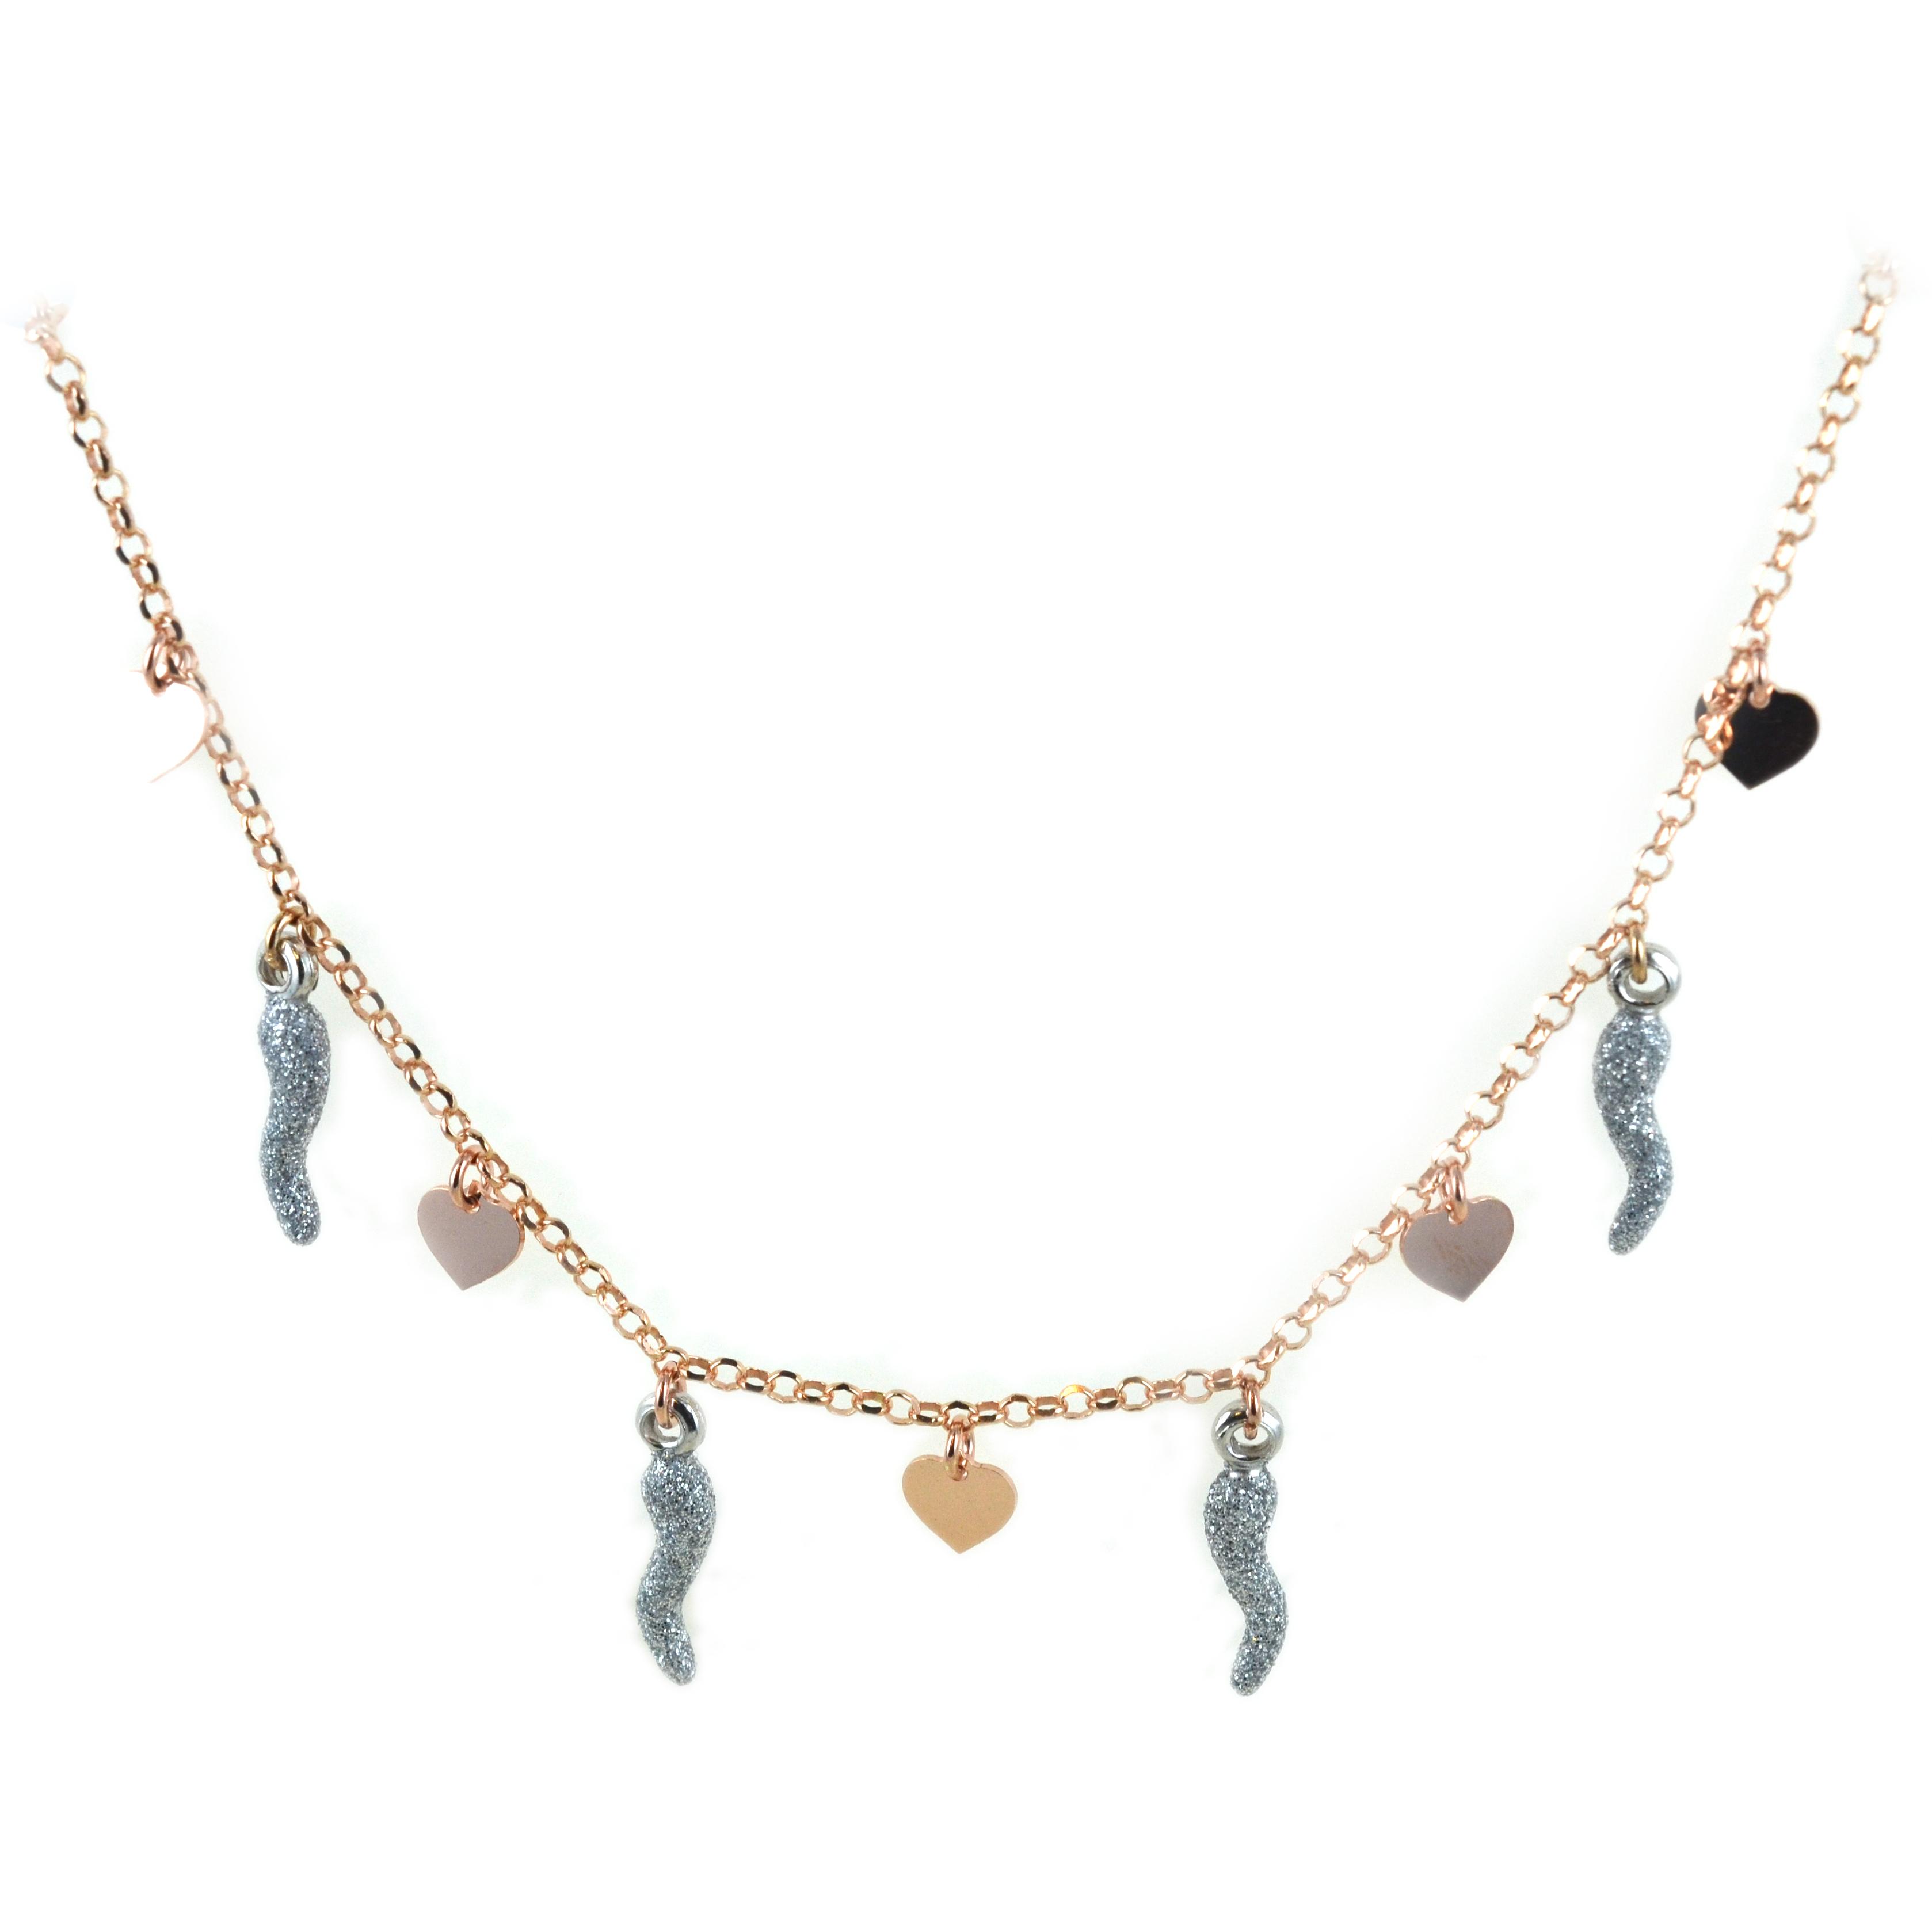 Collana in argento con charms cuori e corni glitter